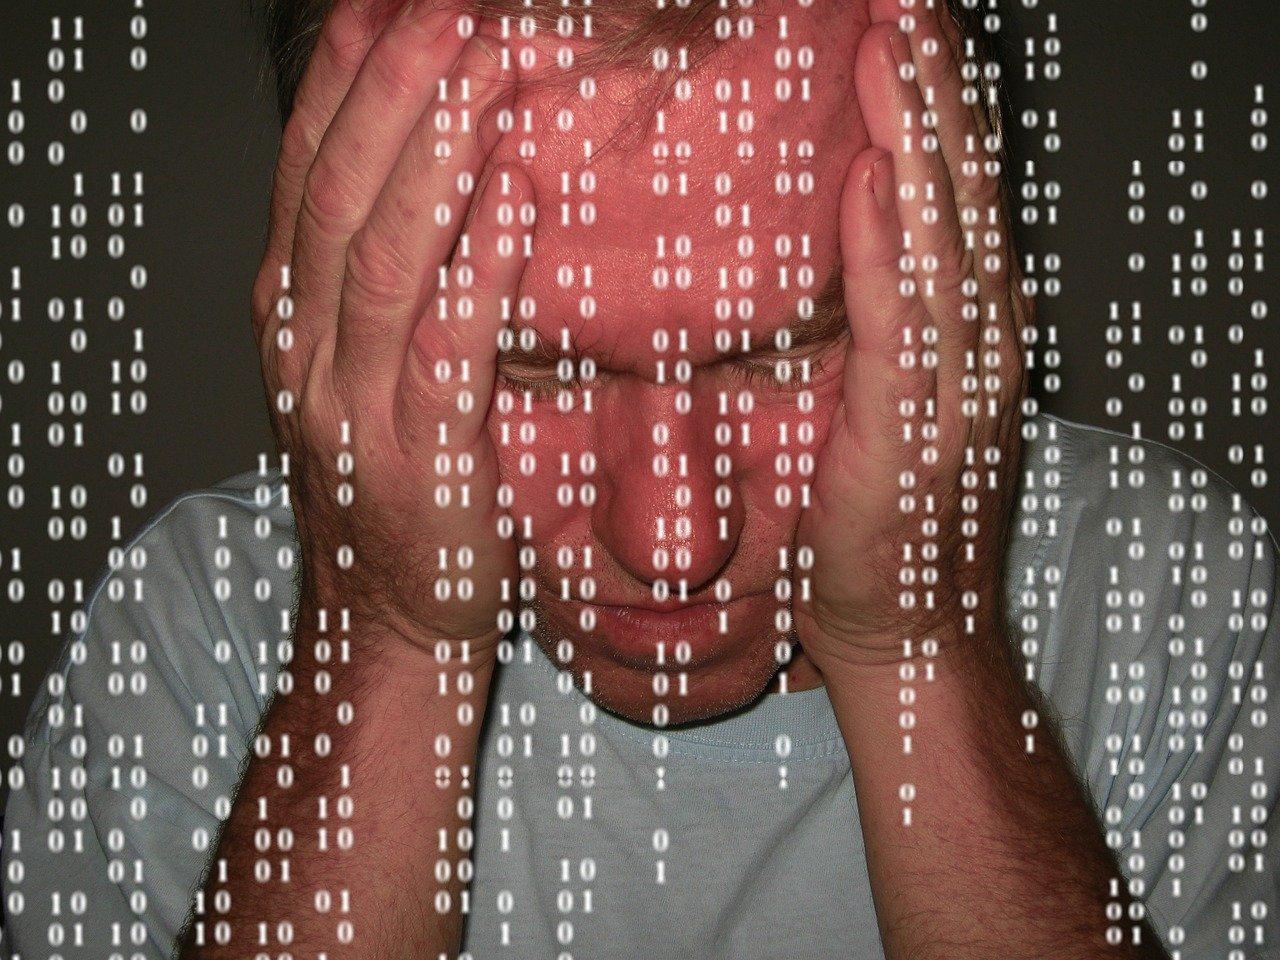 crypto market crash 19 may